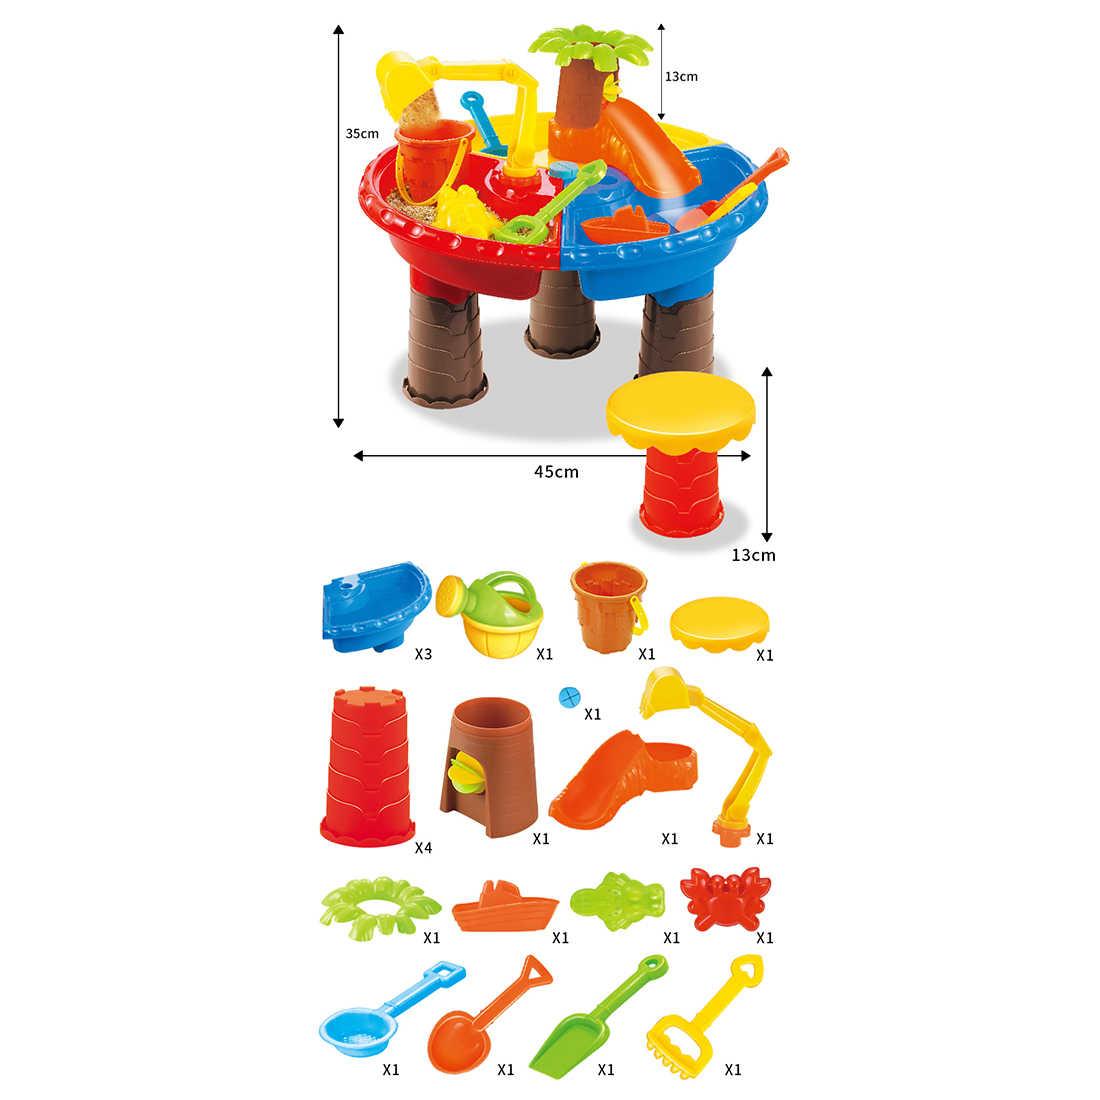 22 шт./компл. детская песочница комплект песчаный пляж стол воды подвижных игр на свежем воздухе воды играть песок инструмент для детей дети играют дома